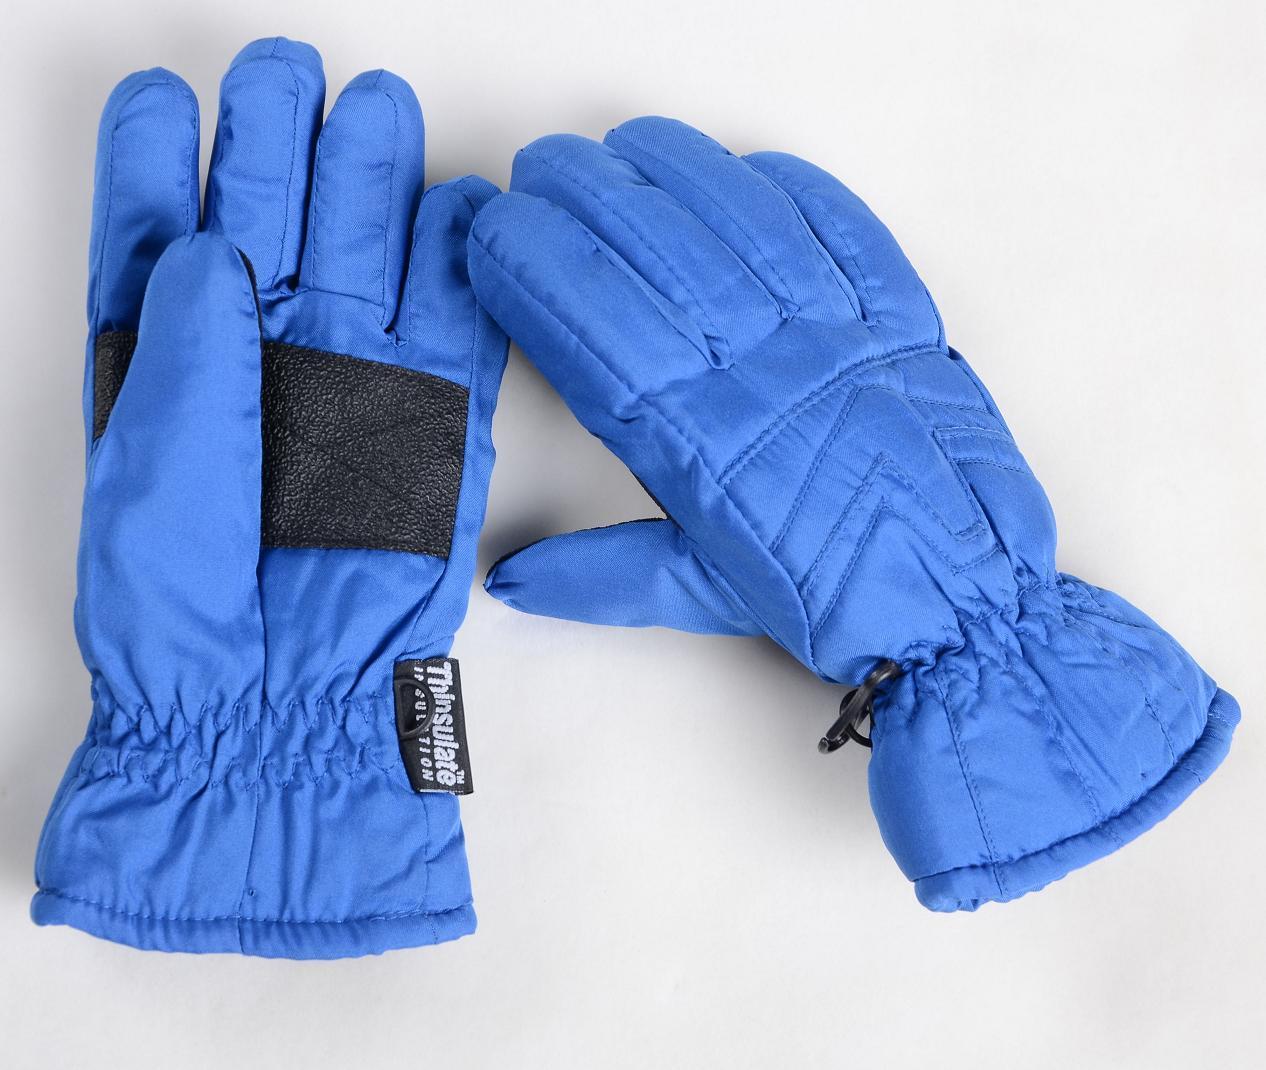 Kids Ski Glove/Kids′ Five Finger Glove/ Children Glove/Children Winter Glove/Detox Glove/Okotex Glove/Mitten Ski Glove/Mitten Winter Glove